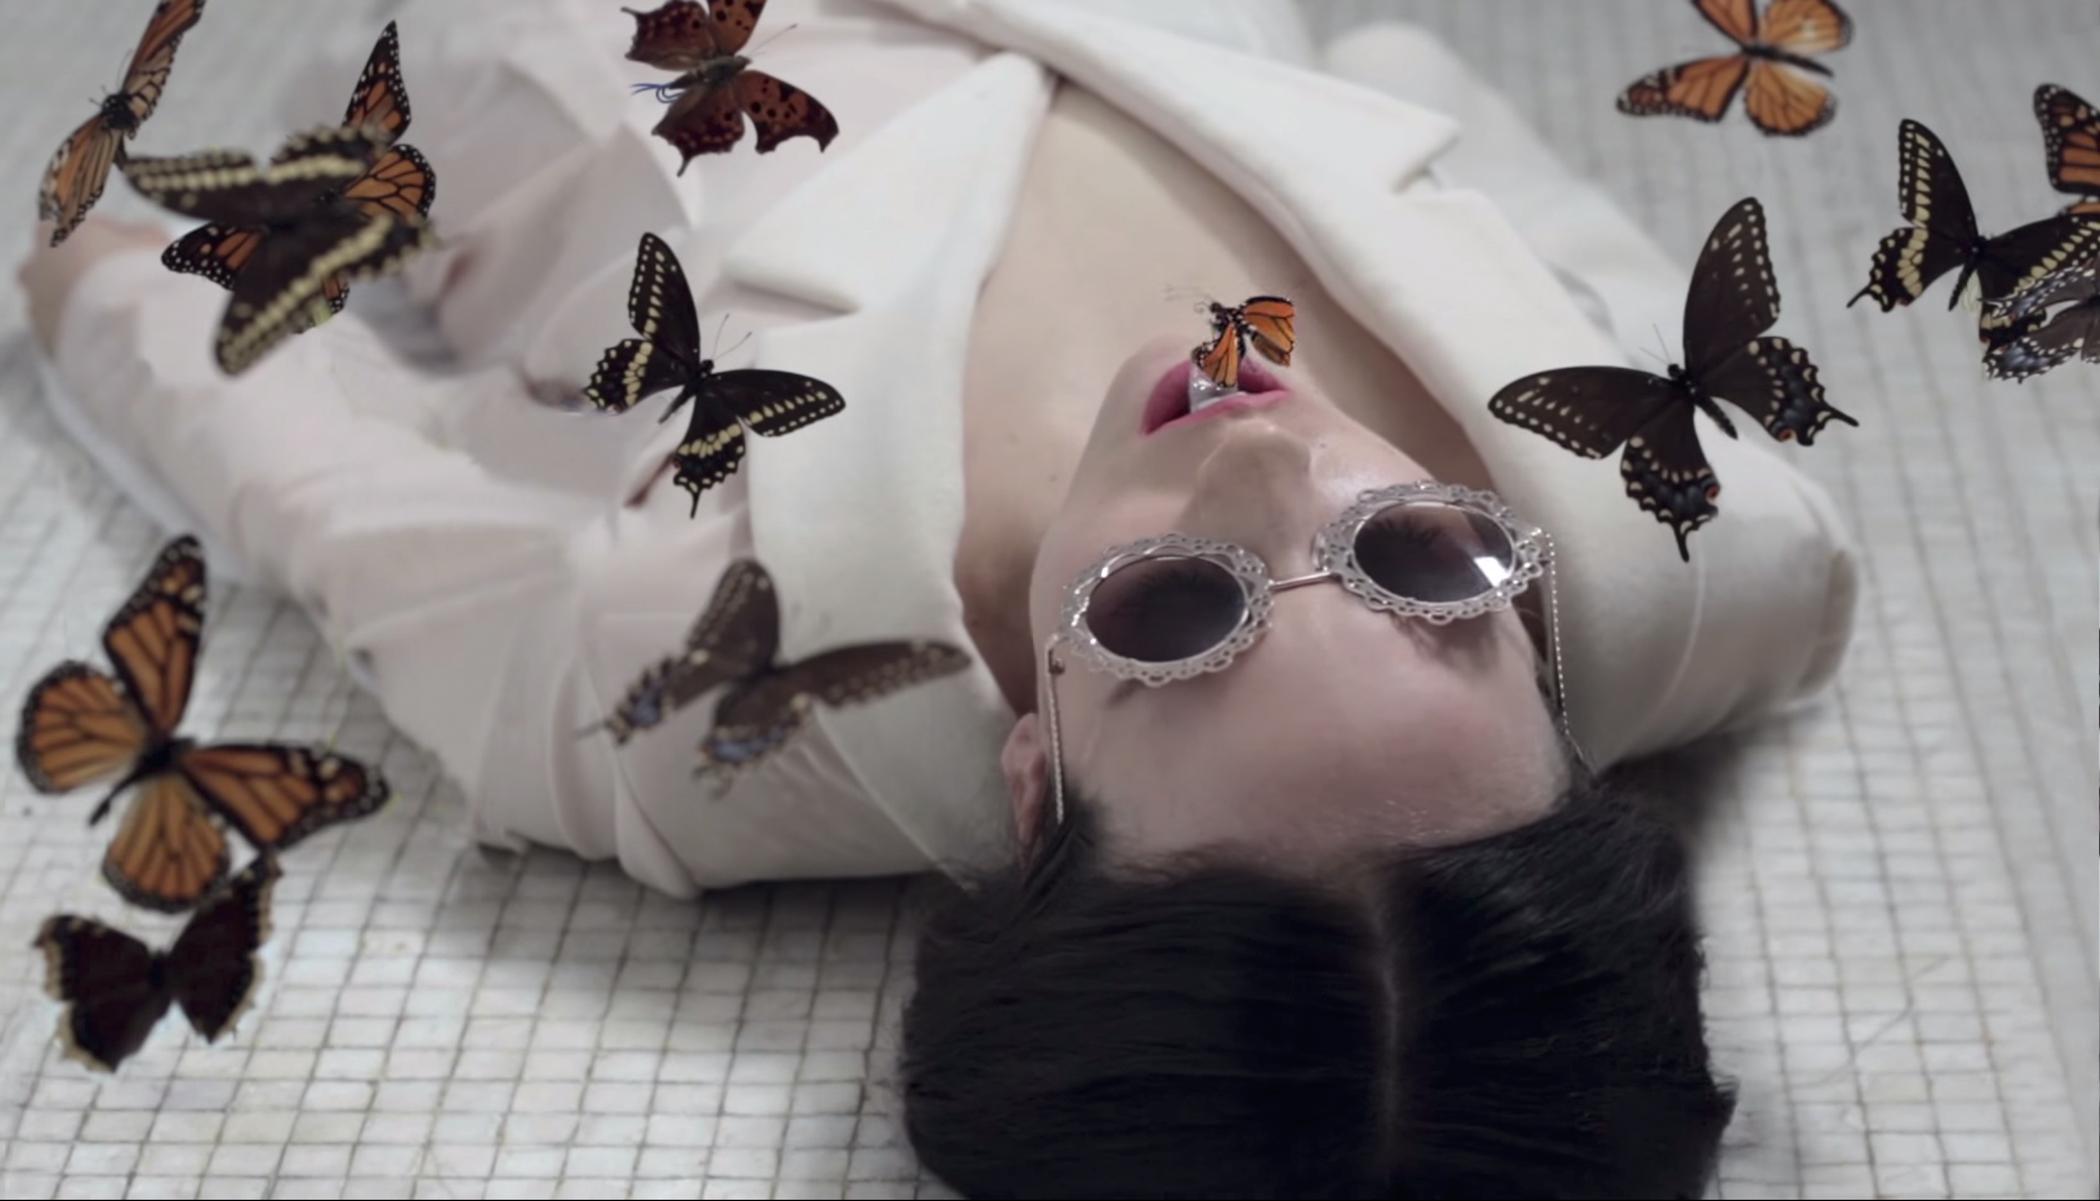 alliex-catch-music-video-02